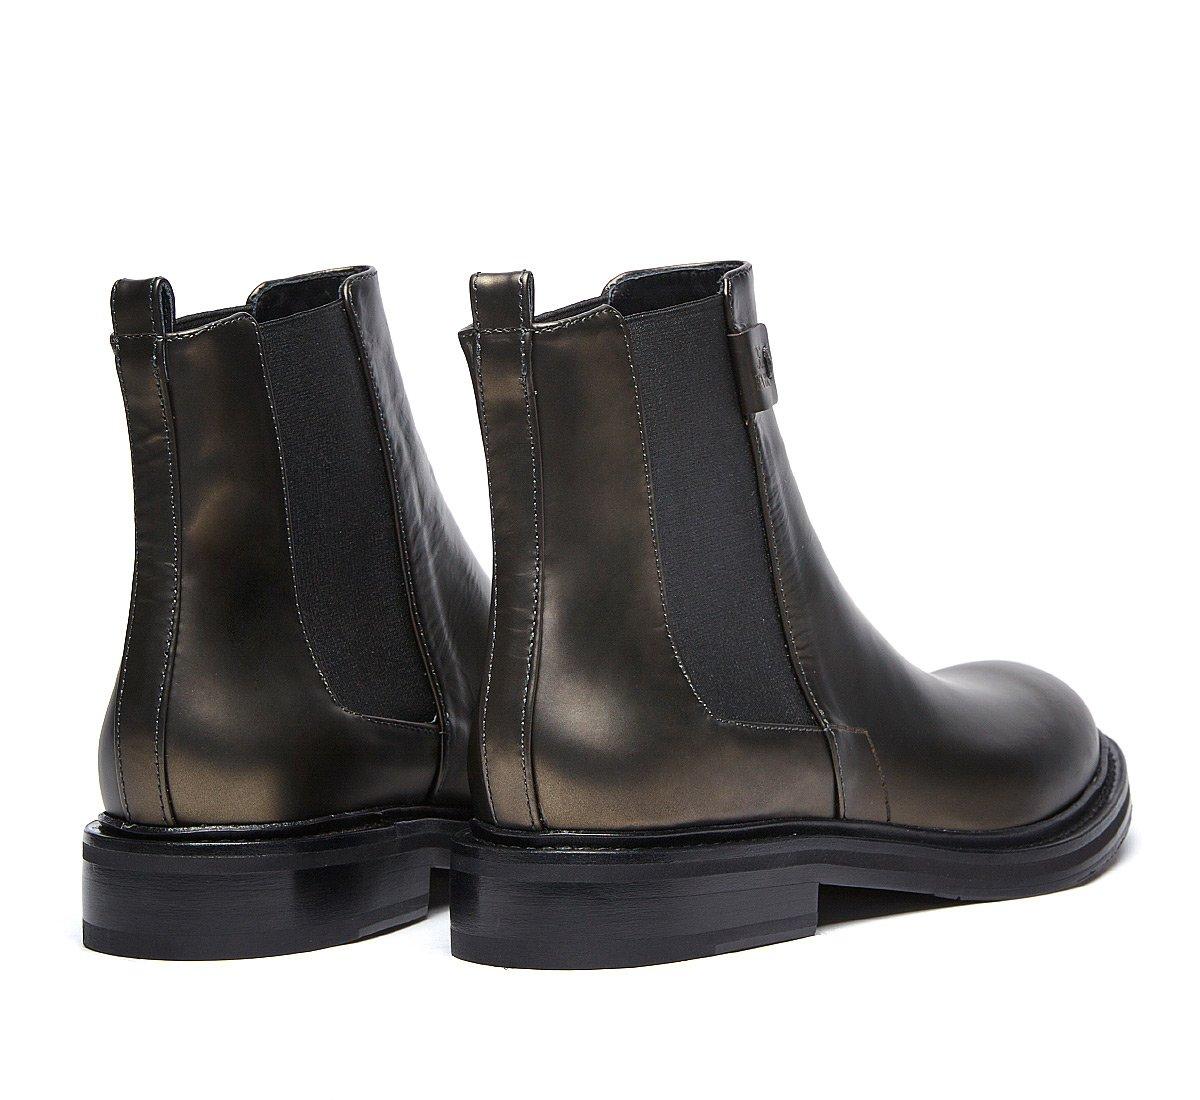 Ботинки Beatles из мягкой телячьей кожи